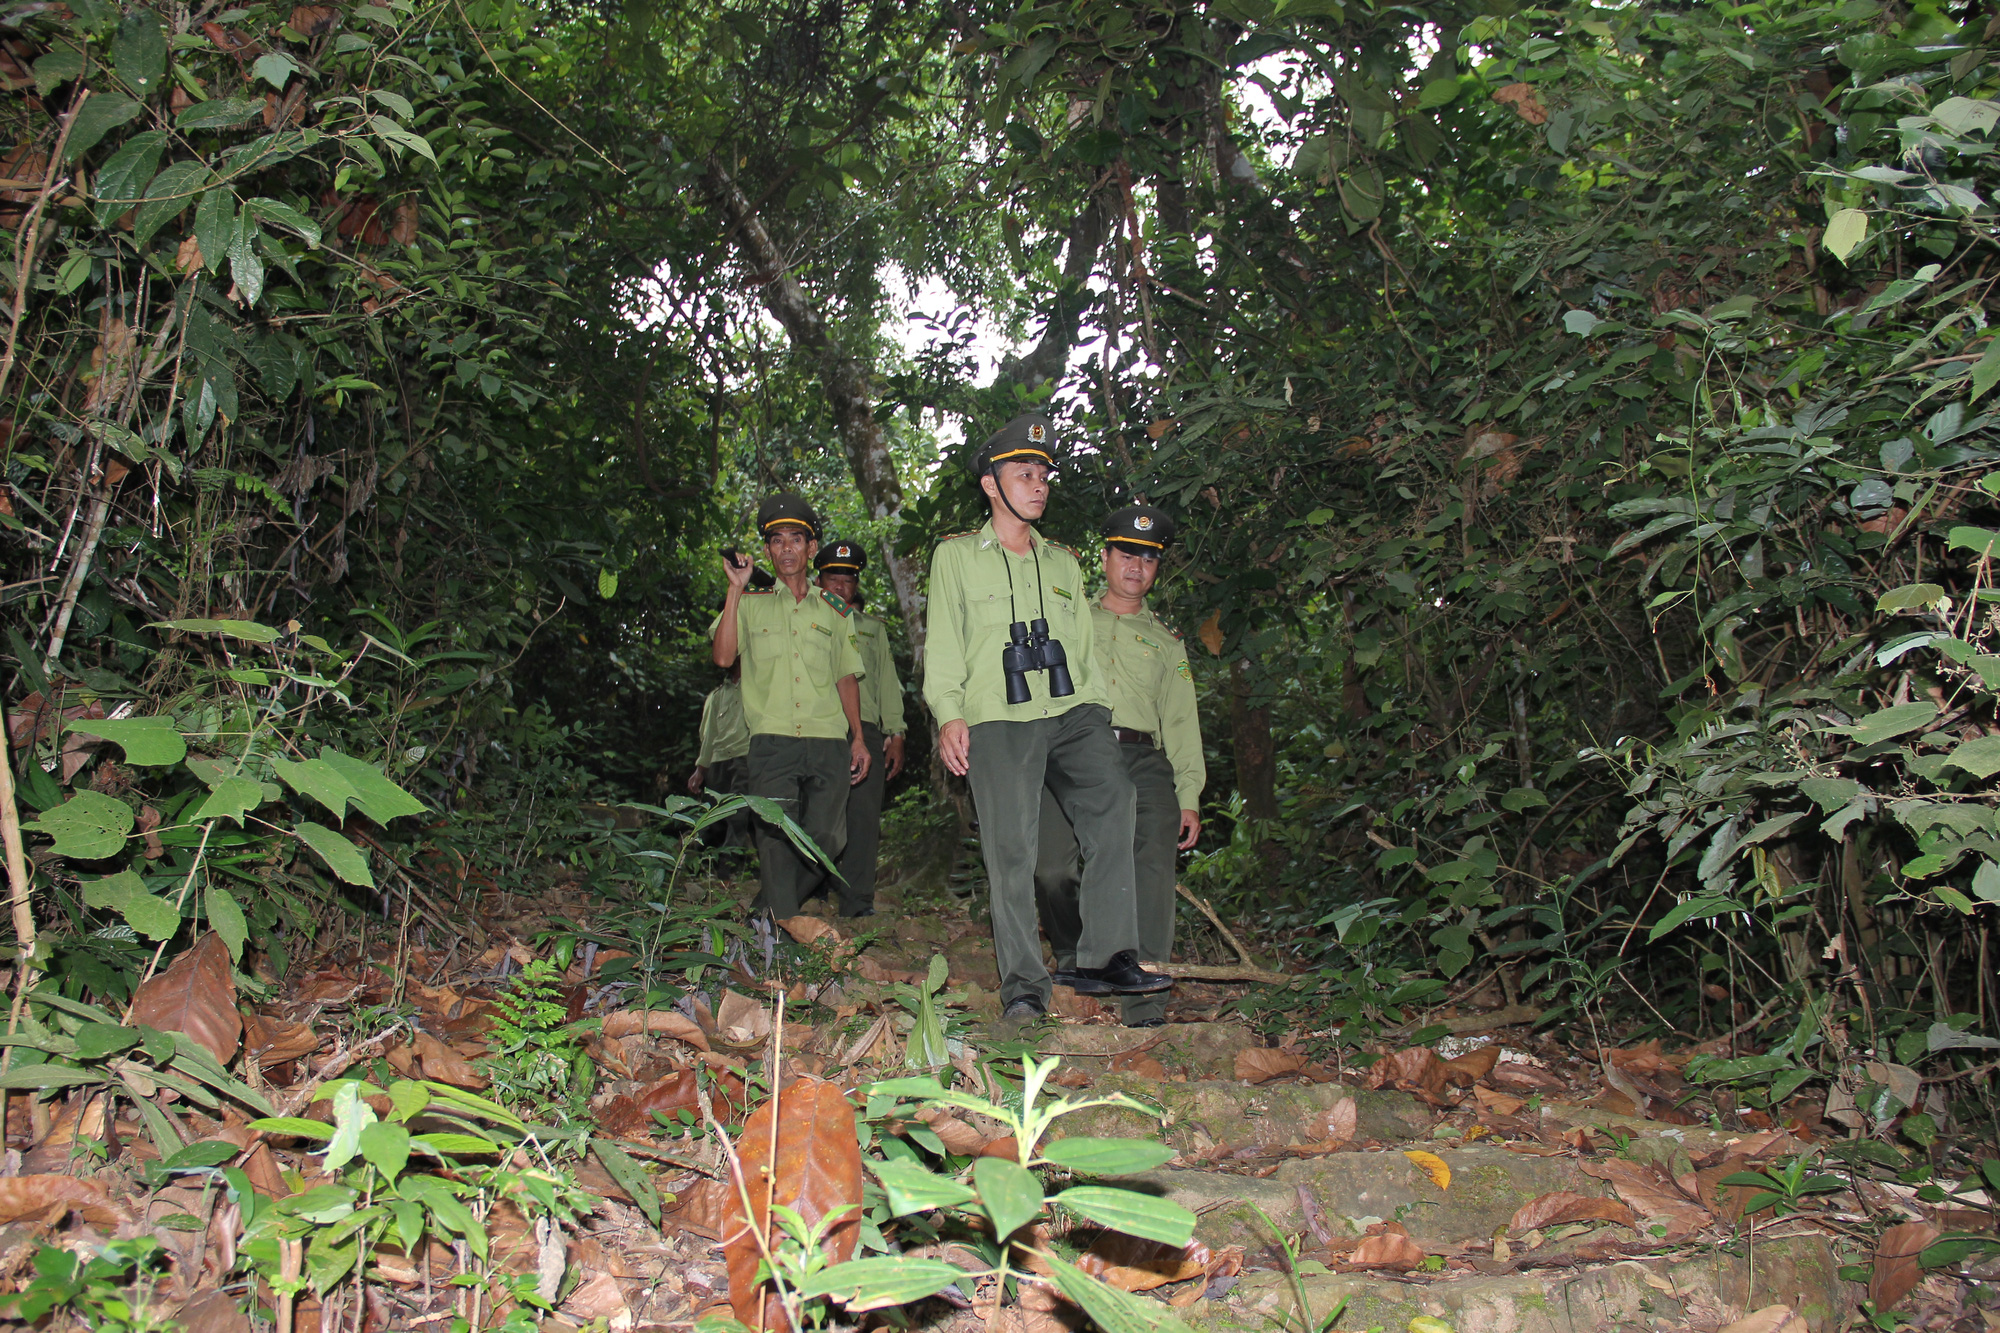 Quỹ Bảo vệ và phát triển rừng Quảng Nam - Vượt khó để hoàn thành nhiệm vụ - Ảnh 5.